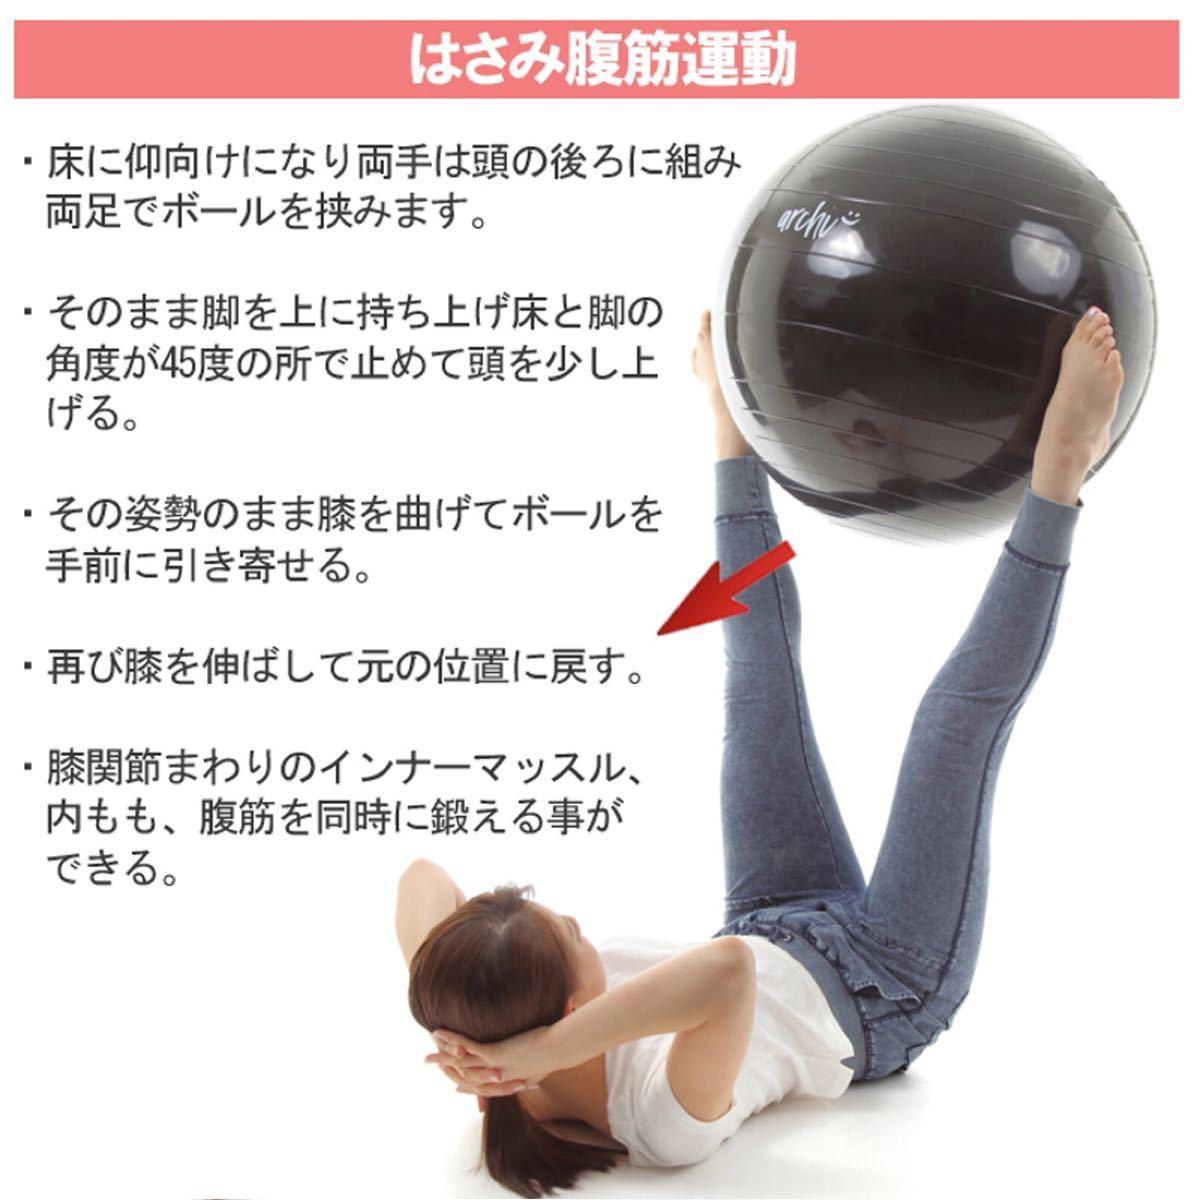 バランスボール ポンプ付 65cm エクササイズ ヨガ フィットネスボール 体幹トレーニング